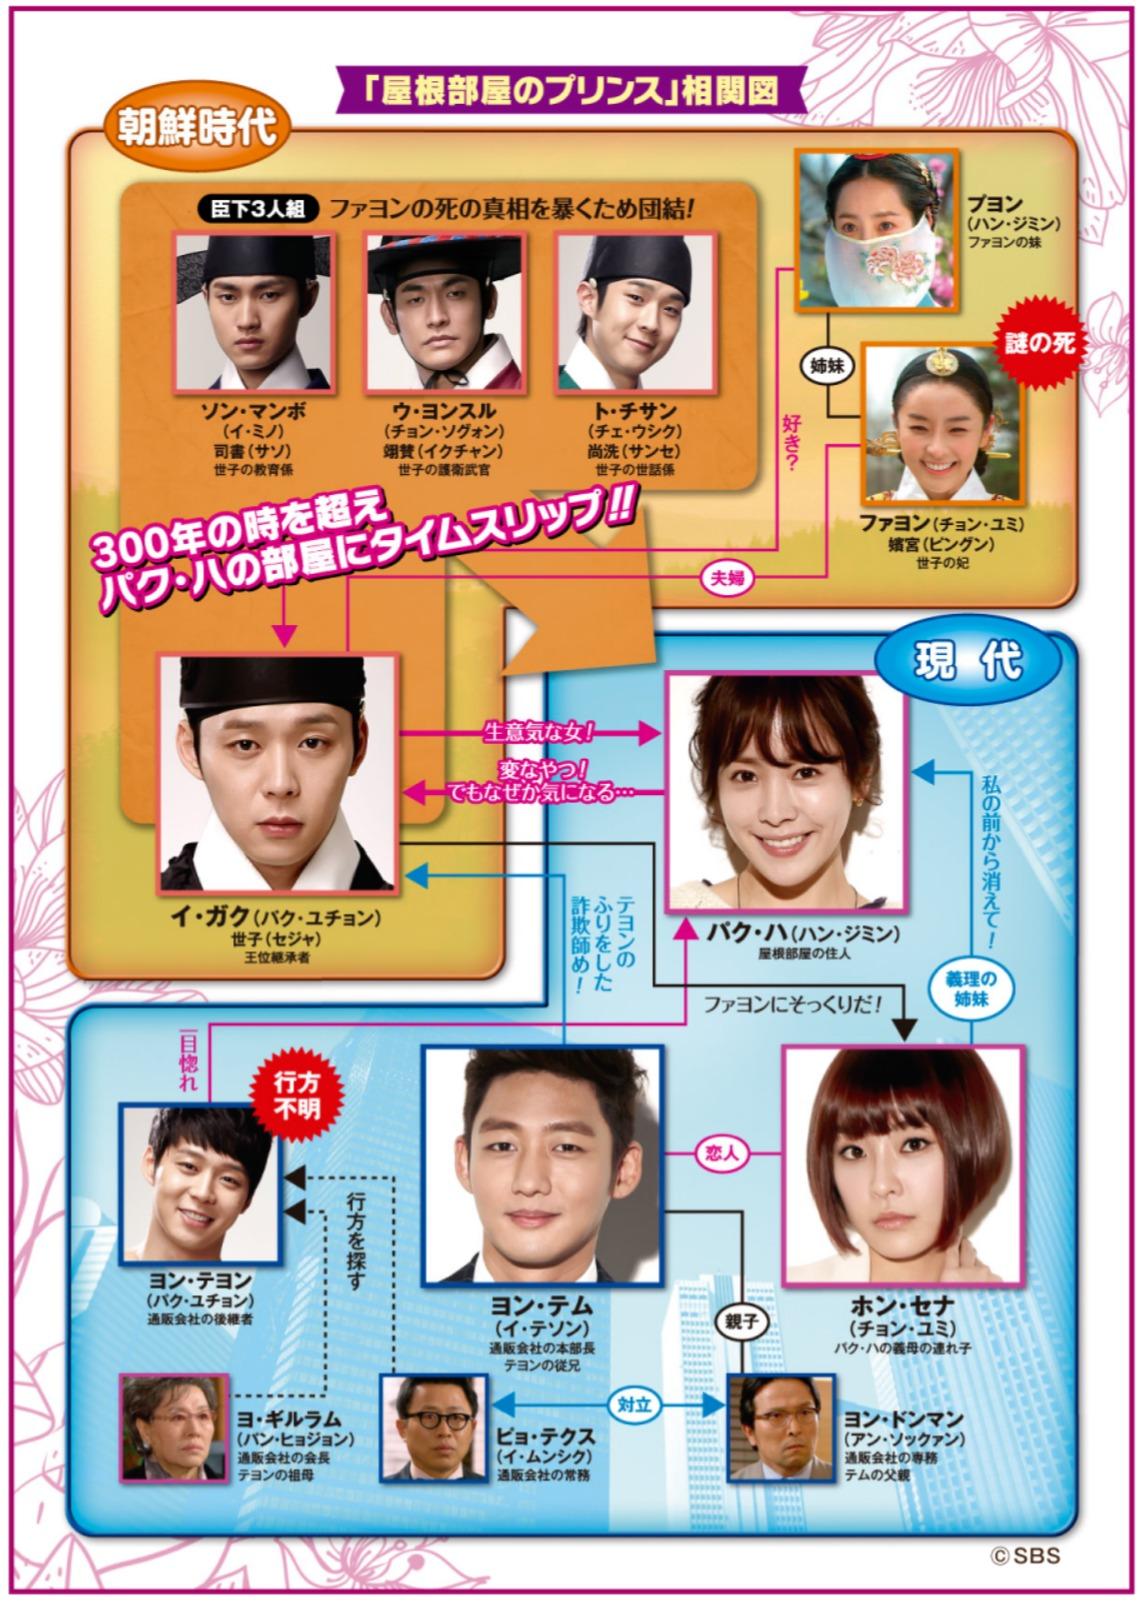 韓国ドラマ『屋根部屋のプリンス』登場人物相関図(関係図)